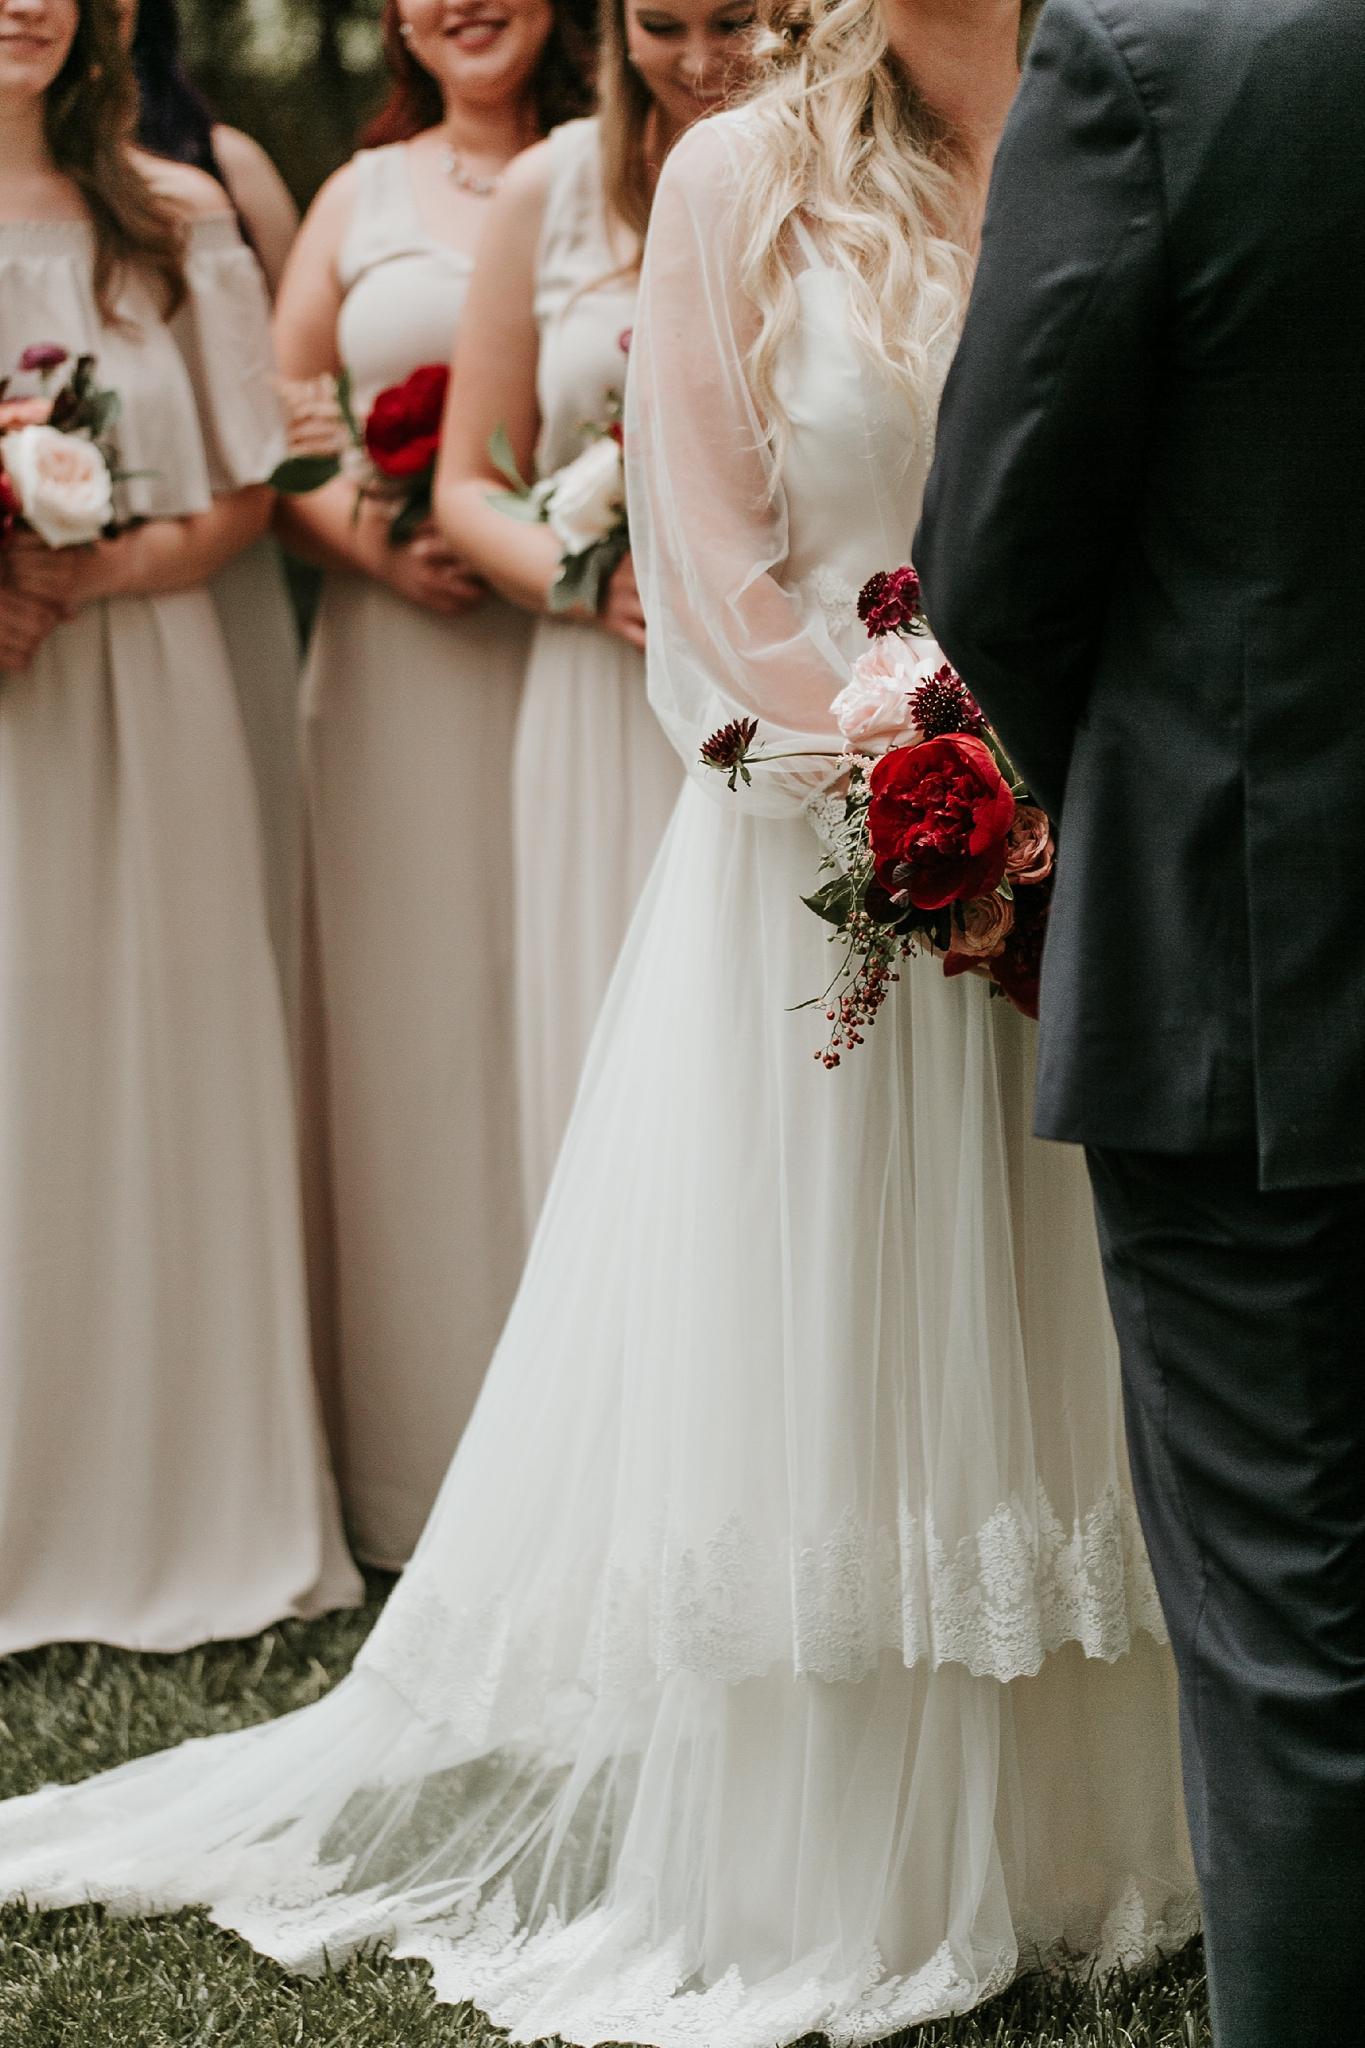 Alicia+lucia+photography+-+albuquerque+wedding+photographer+-+santa+fe+wedding+photography+-+new+mexico+wedding+photographer+-+new+mexico+wedding+-+wedding+photographer+-+wedding+photographer+team_0257.jpg